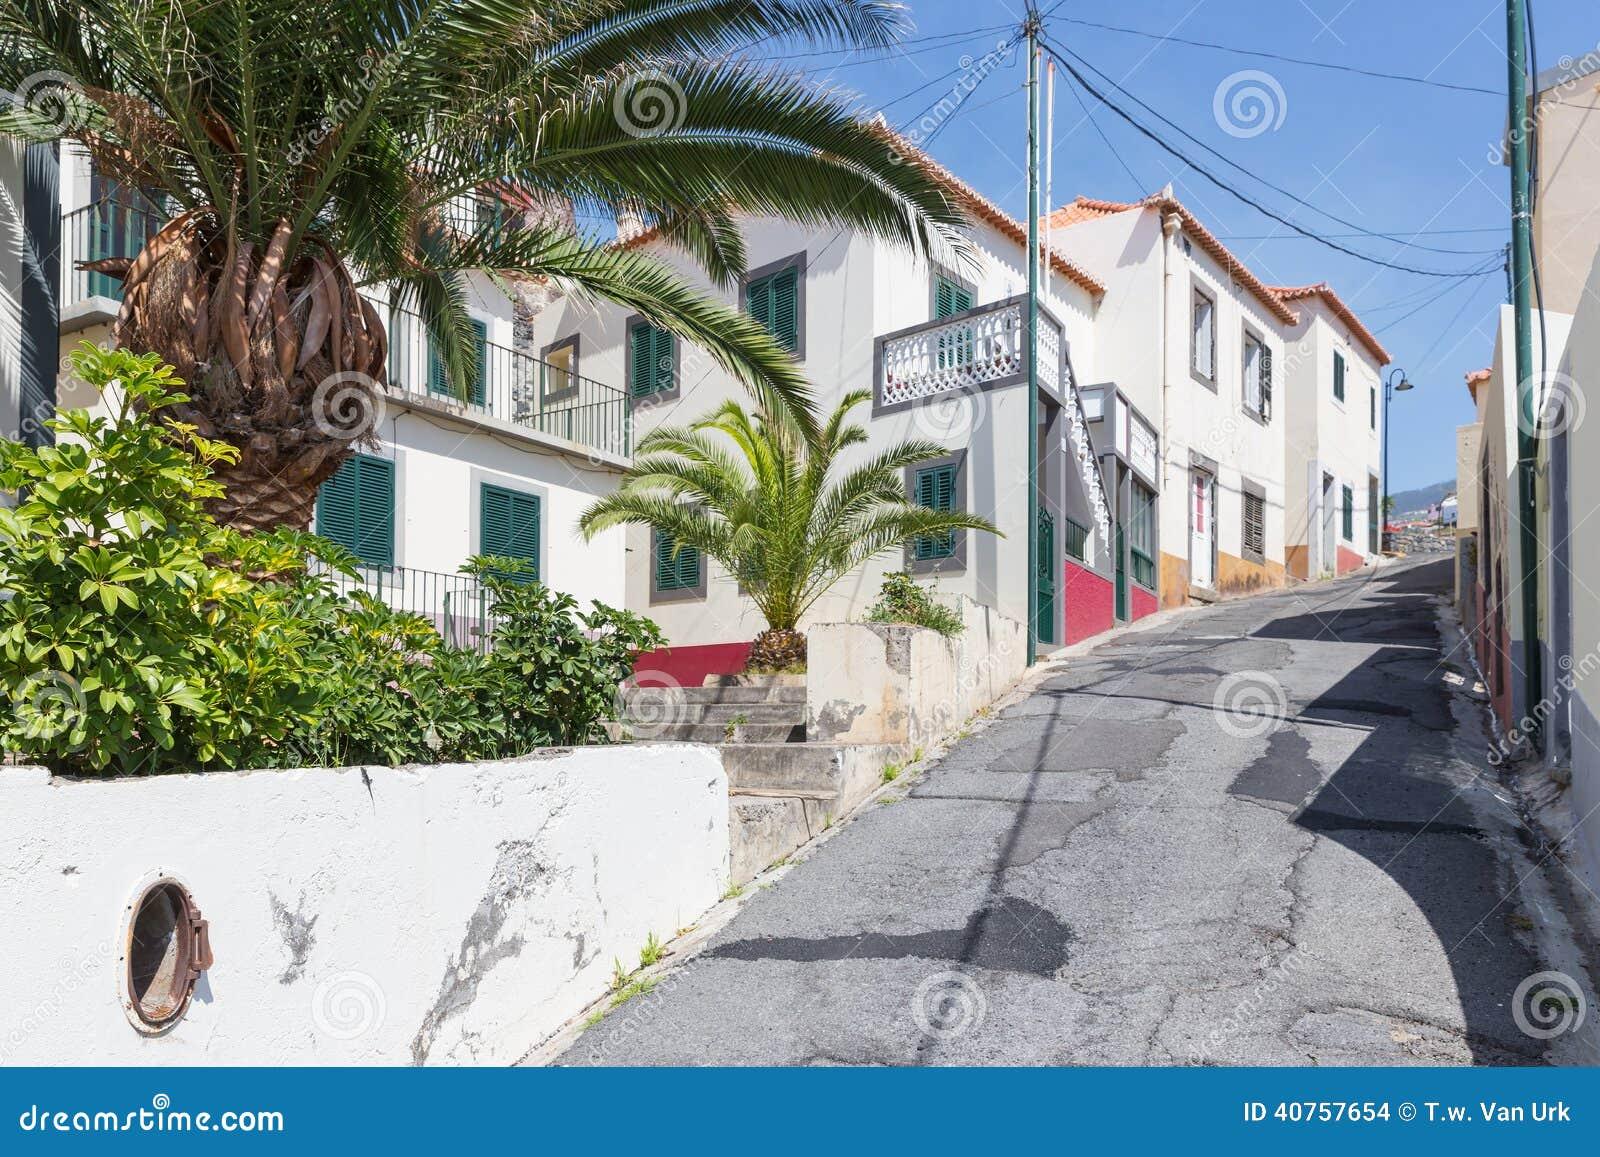 Street scene of Camara do Lobos at Madeira, Portugal